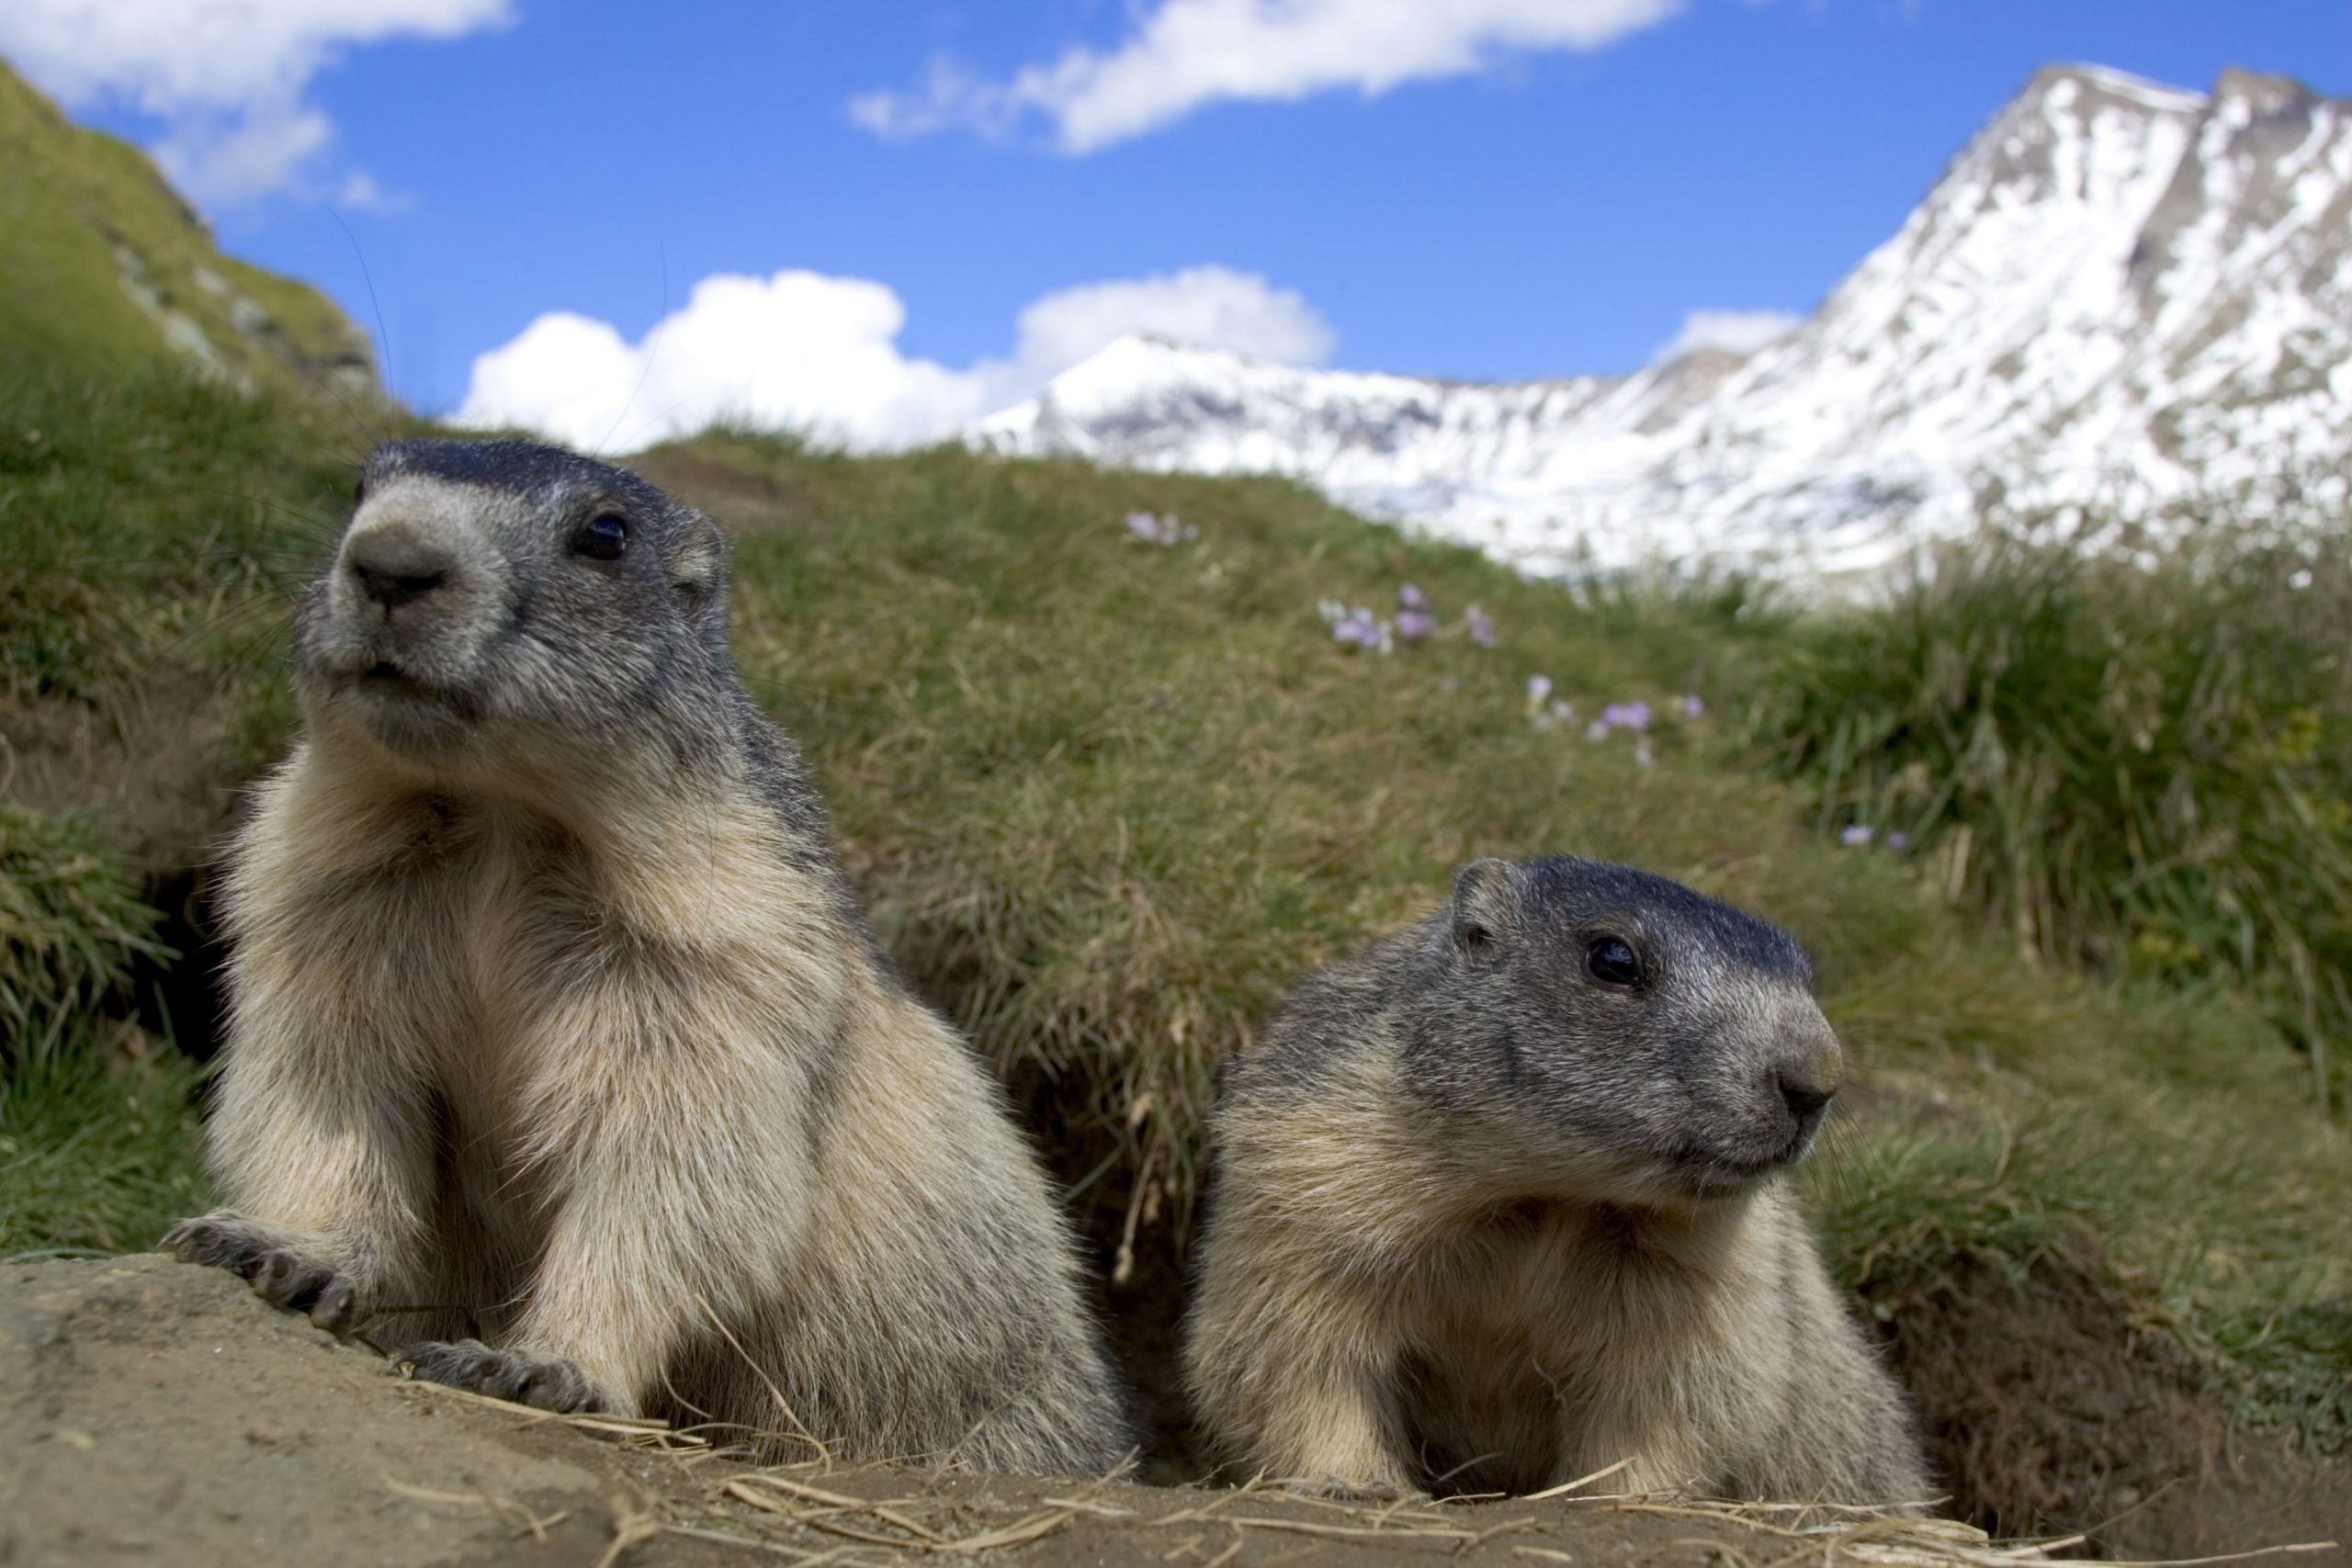 Alpenmurmeltiere